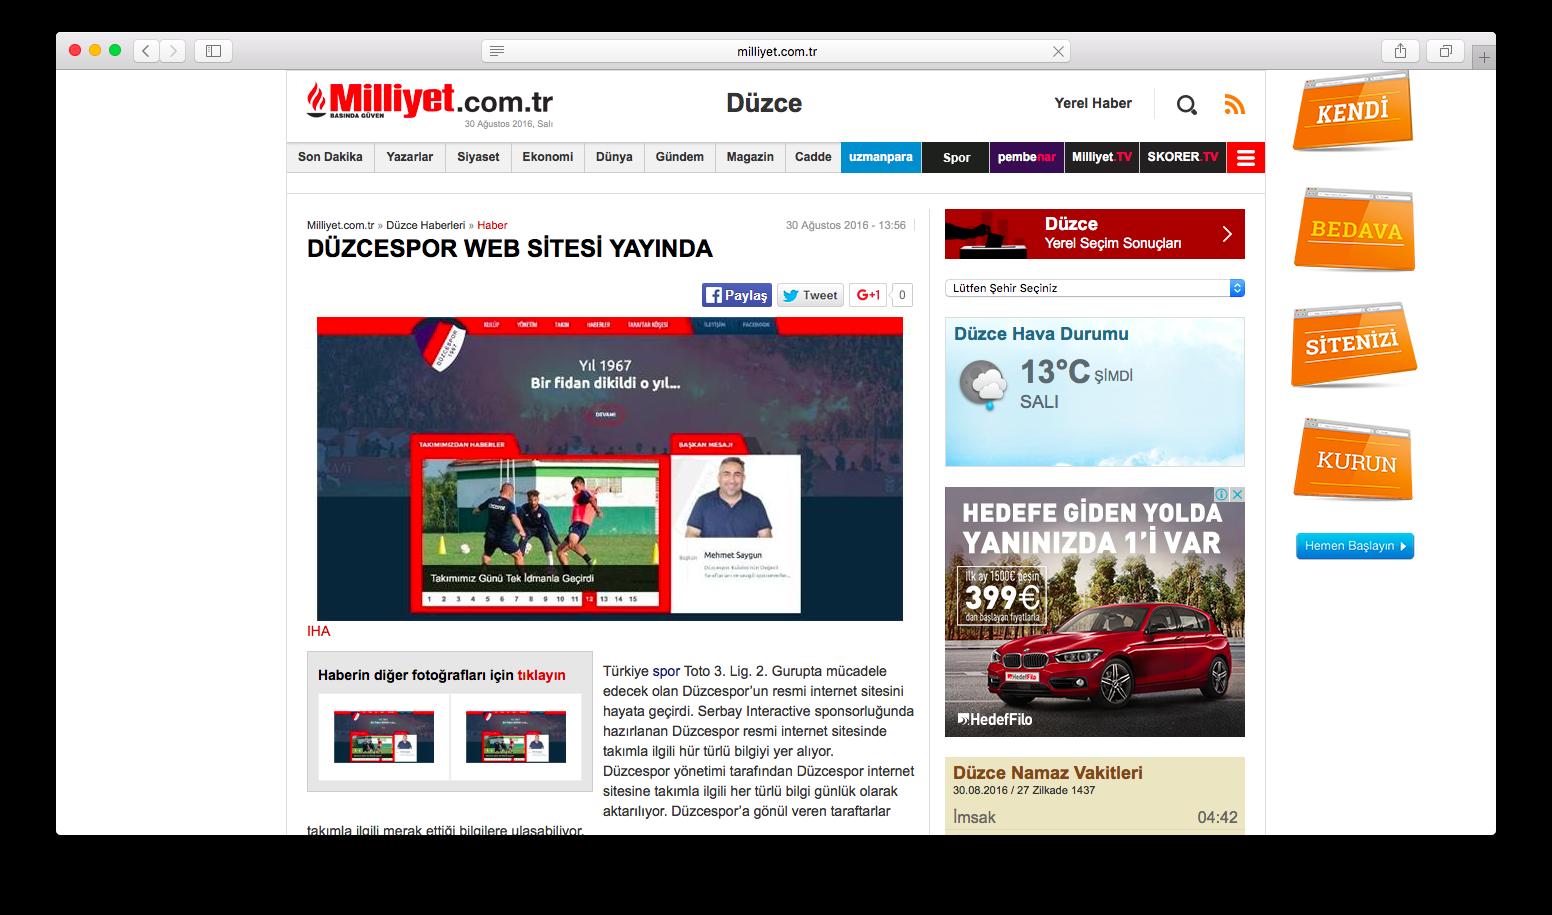 Düzcespor web sitesi ulusal basında.